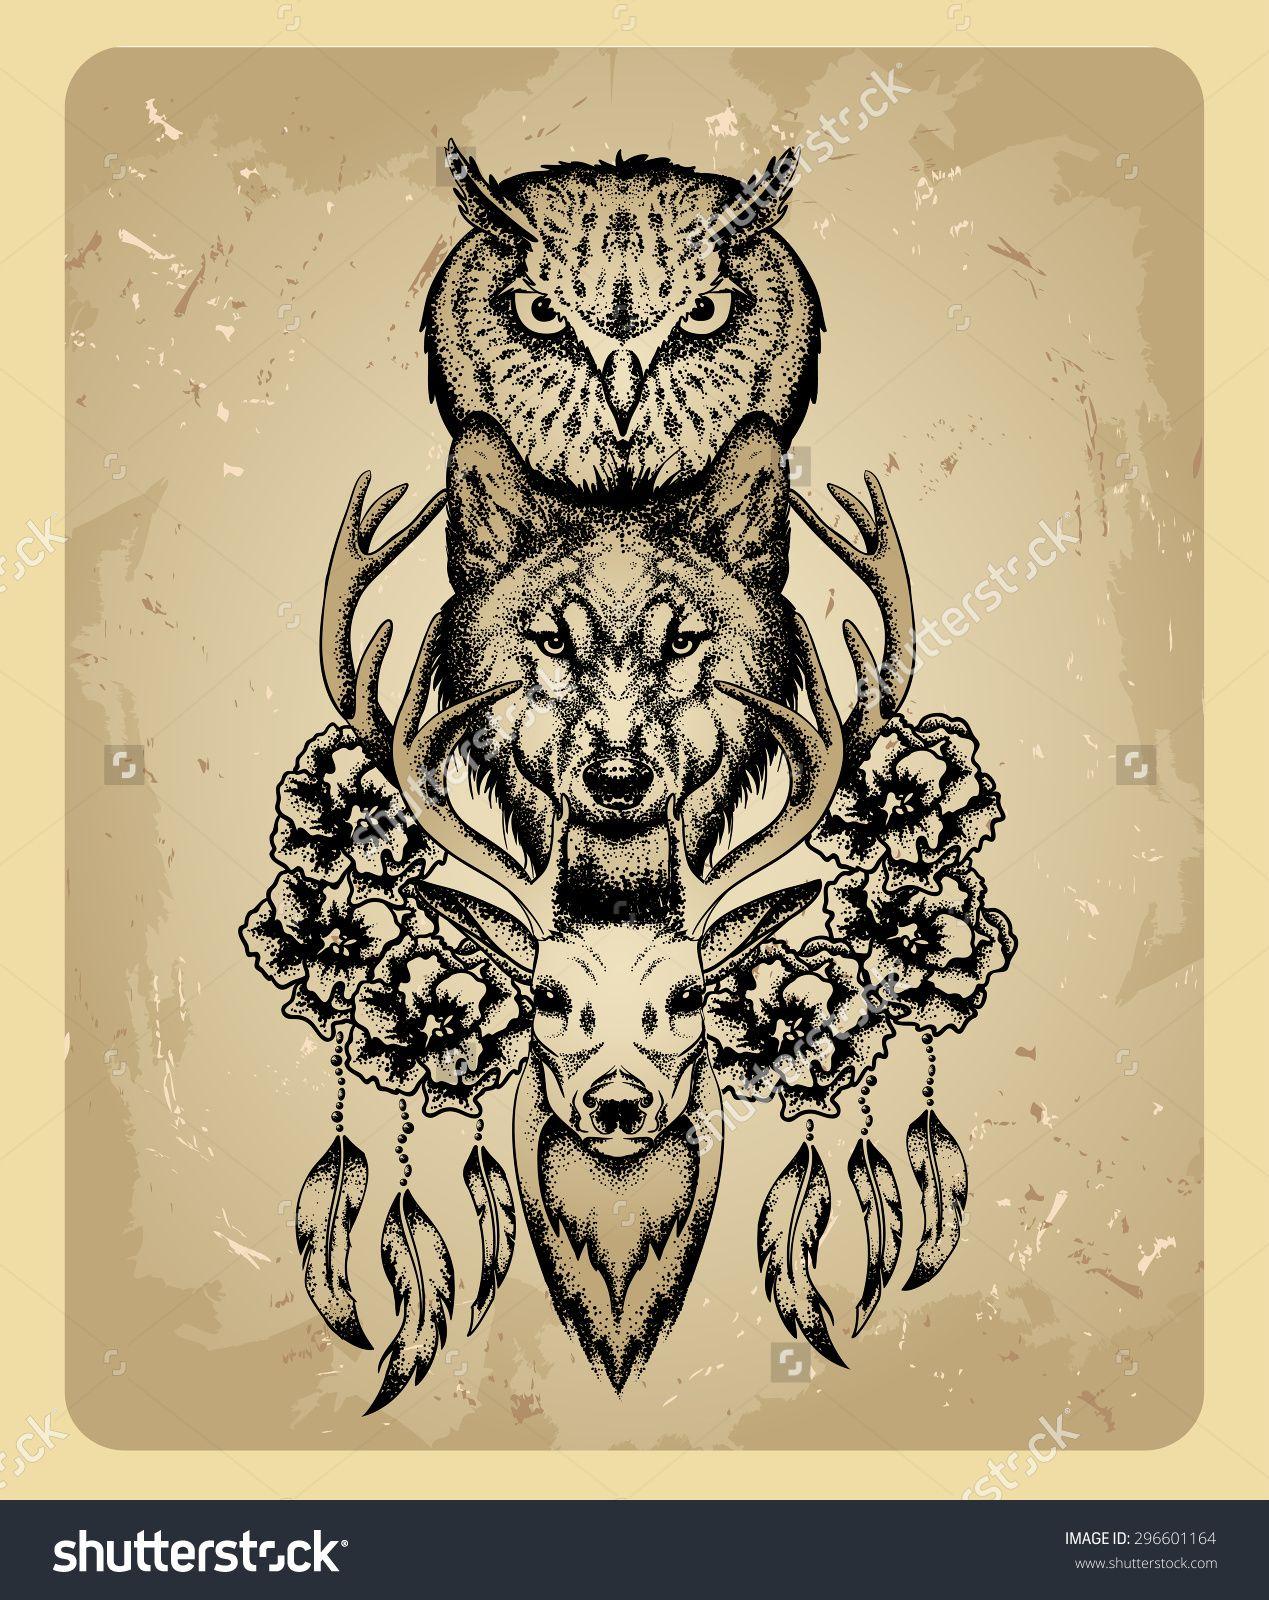 Pin By Lesya Kostruba On Tattoo Totem Tattoo Animal Tattoos Deer Tattoo